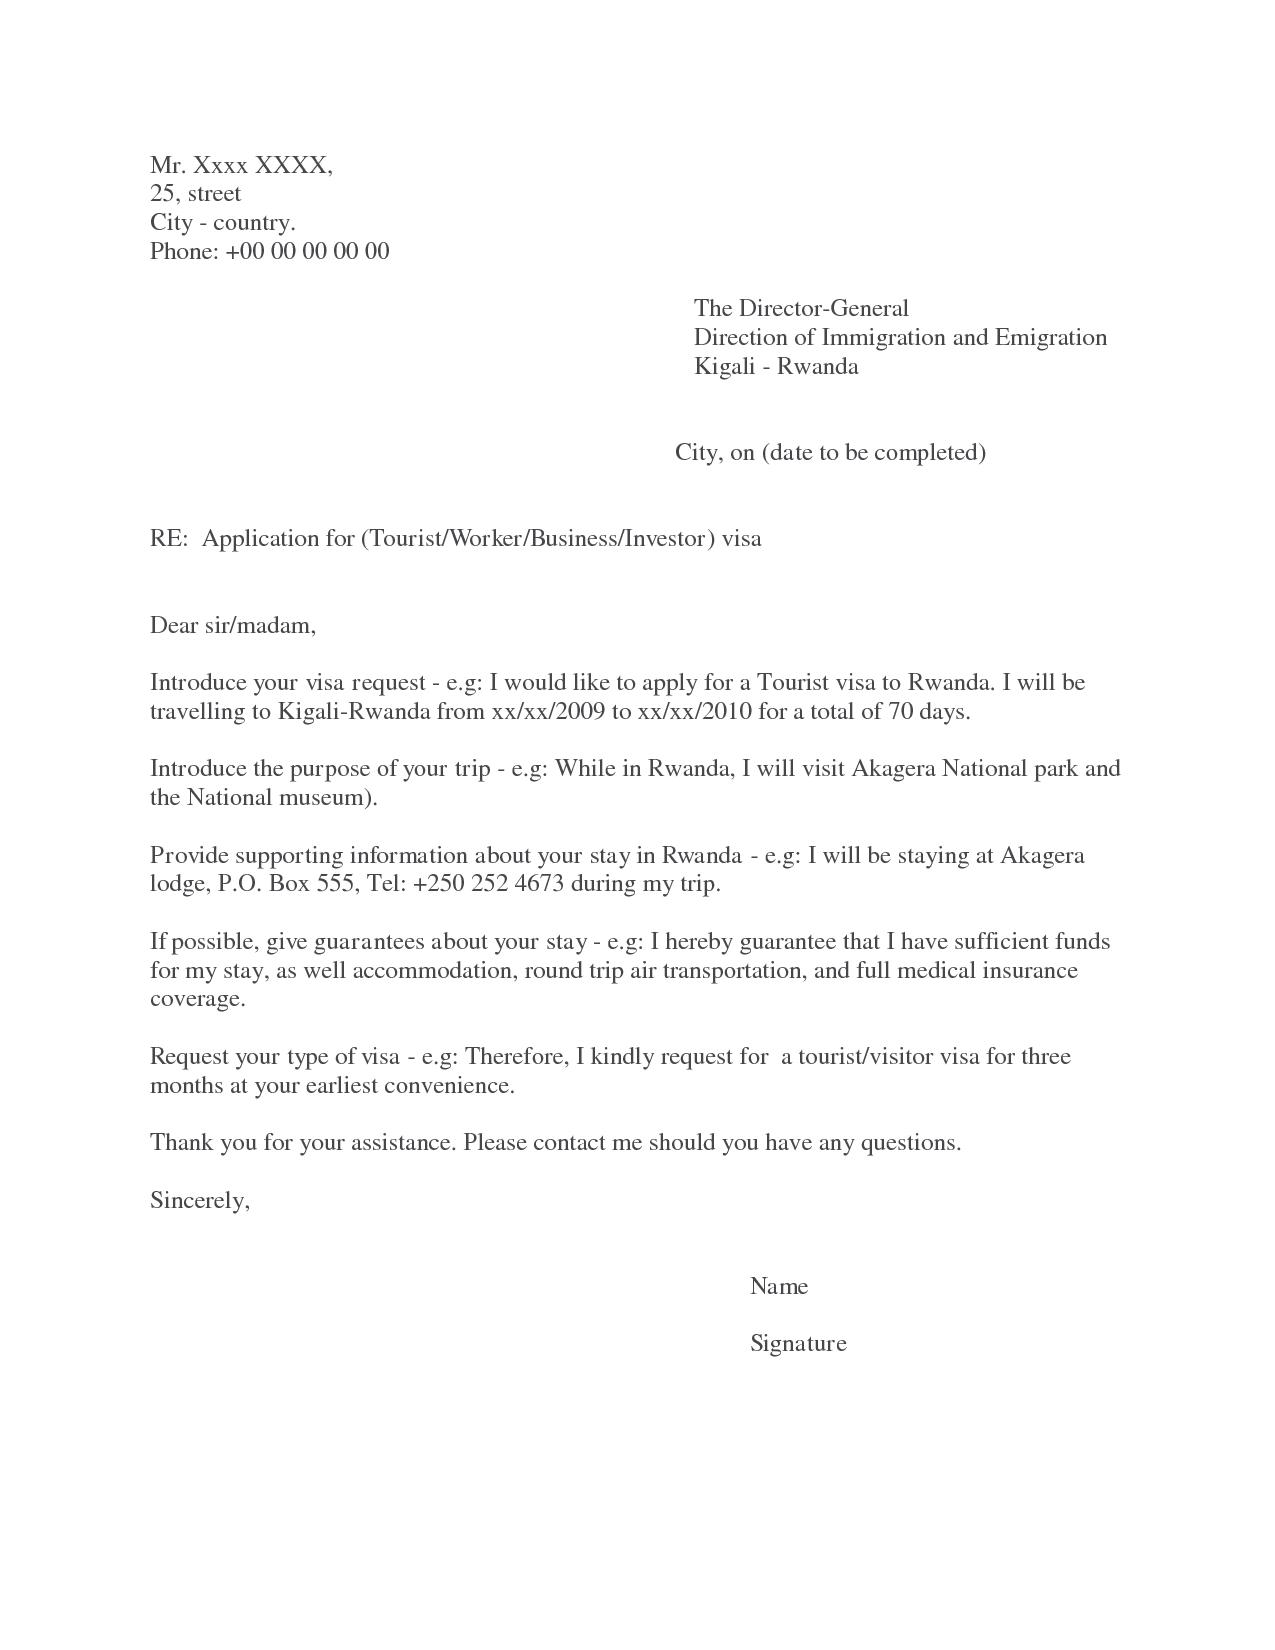 Sample B Visa Invitation Letter Immihelpvisa Application Letter Application  Letter Sample